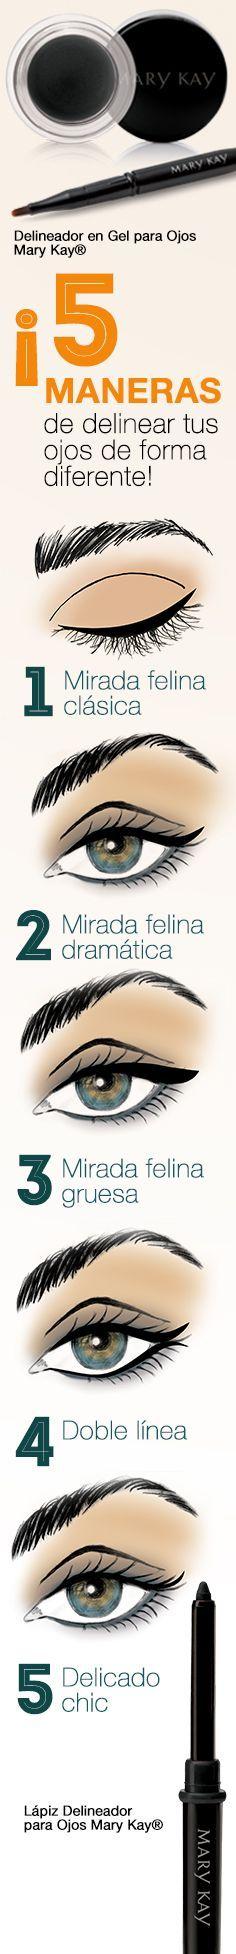 """Deja que tu mirada hable por ti probando diferentes maneras de maquillarte los ojos con el Delineador en Gel para Ojos Mary Kay® y el Lápiz Delineador para Ojos Mary Kay®. Consíguelos en: <a href=""""http://www.marykay.com.co"""" rel=""""nofollow"""" target=""""_blank"""">www.marykay.com.co</a>"""